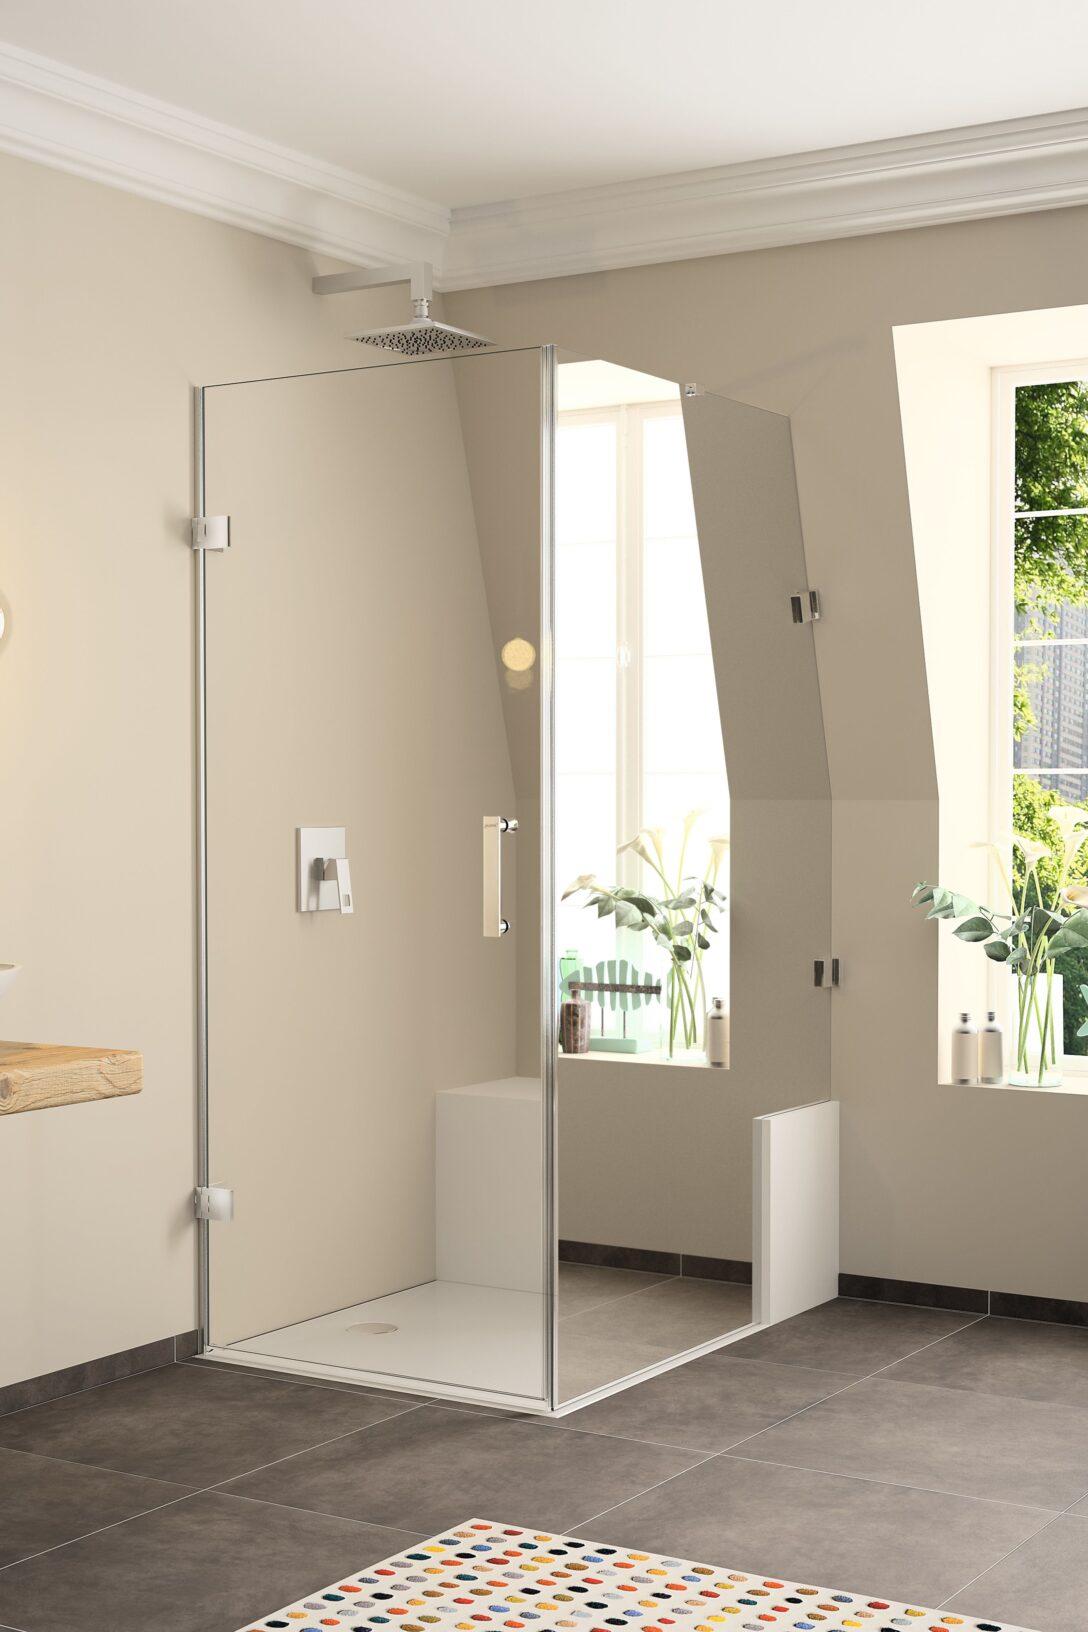 Full Size of Hüppe Dusche Schtzen Sie Schlichte Eleganz Kombiniert Mit Ausgefeilter Technik 80x80 Nischentür Ebenerdige Kosten Bodengleiche Nachträglich Einbauen Schulte Dusche Hüppe Dusche